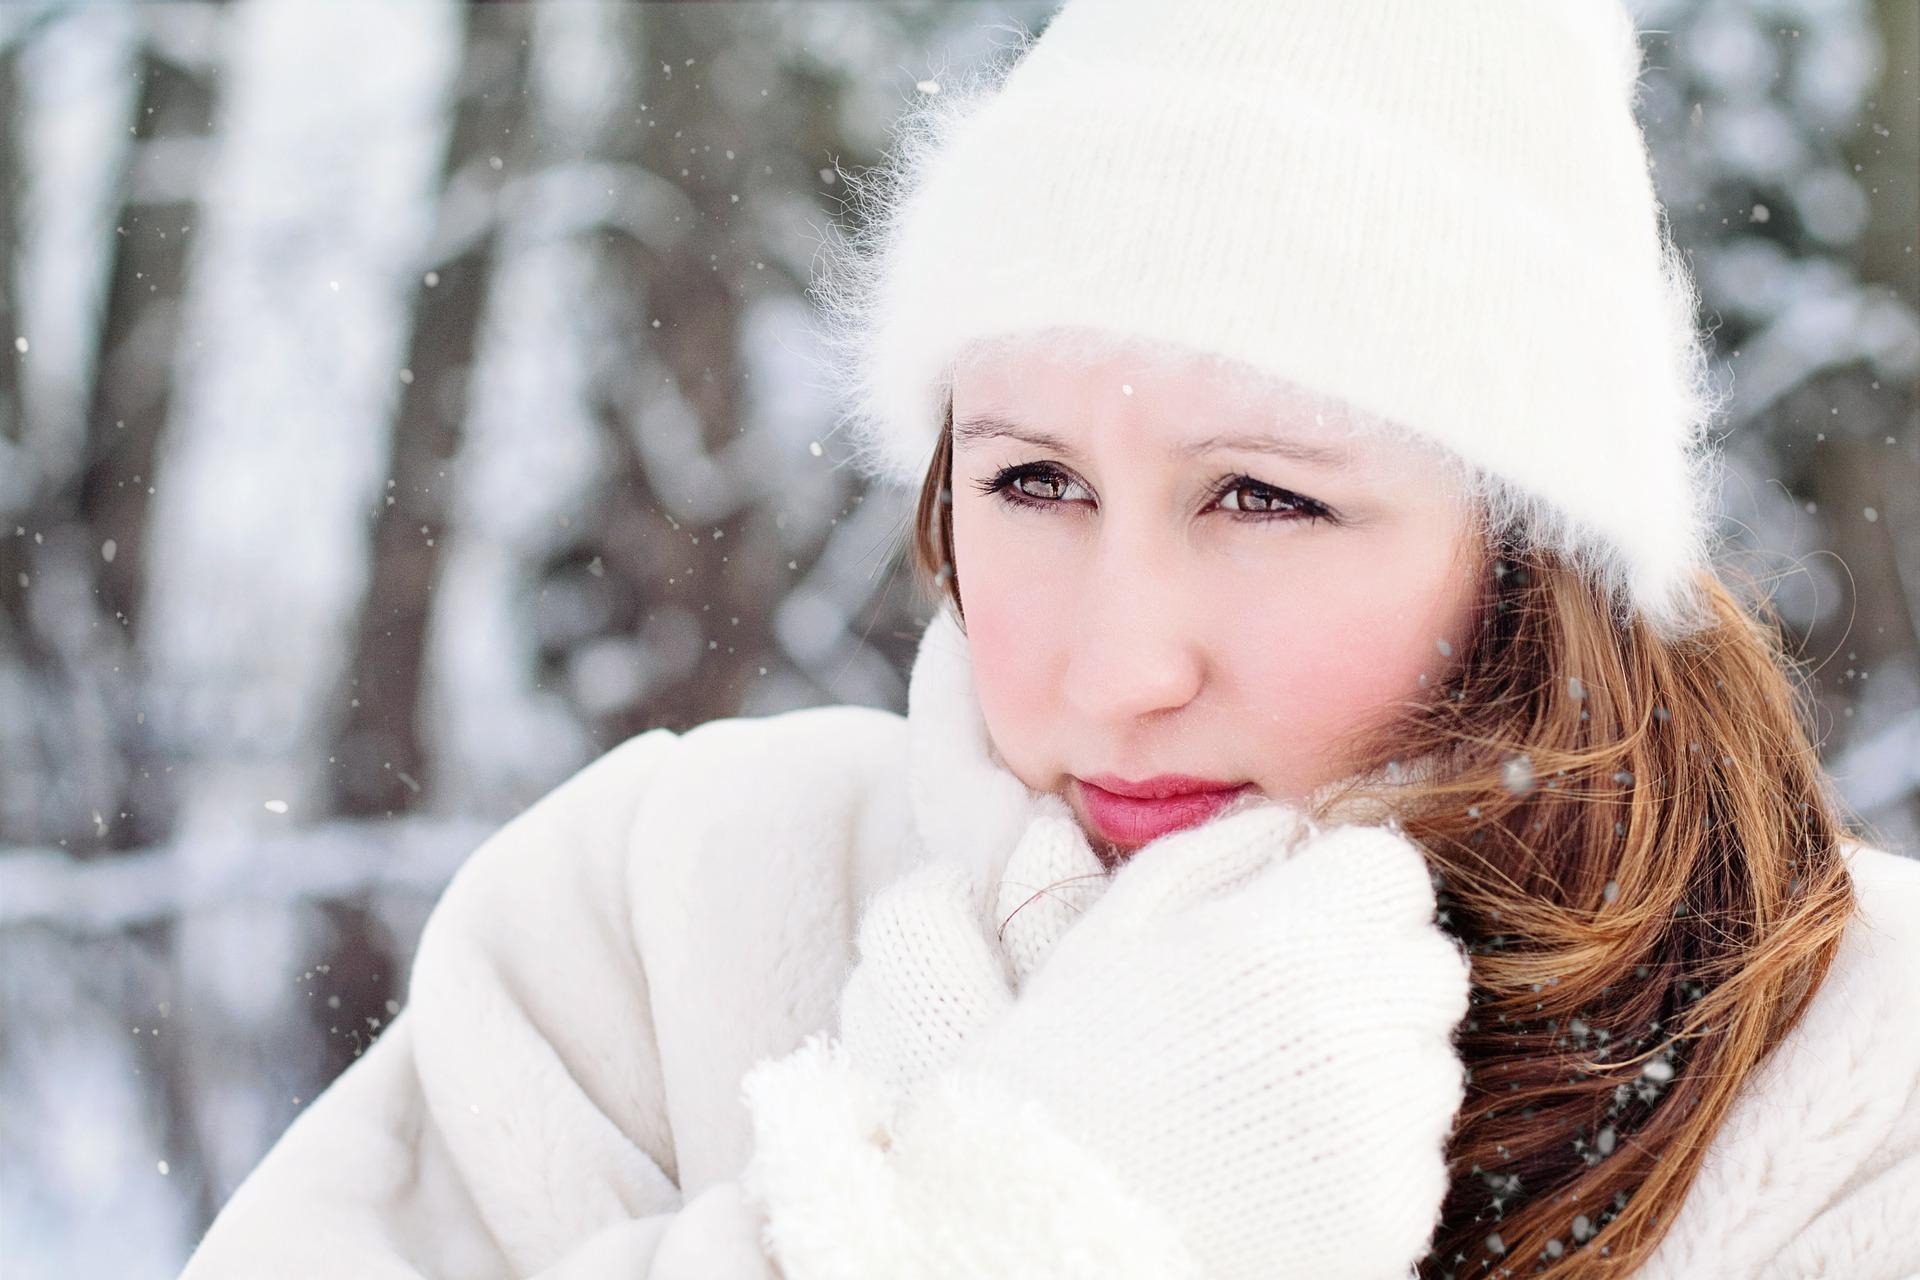 Woman in winter wear in snow